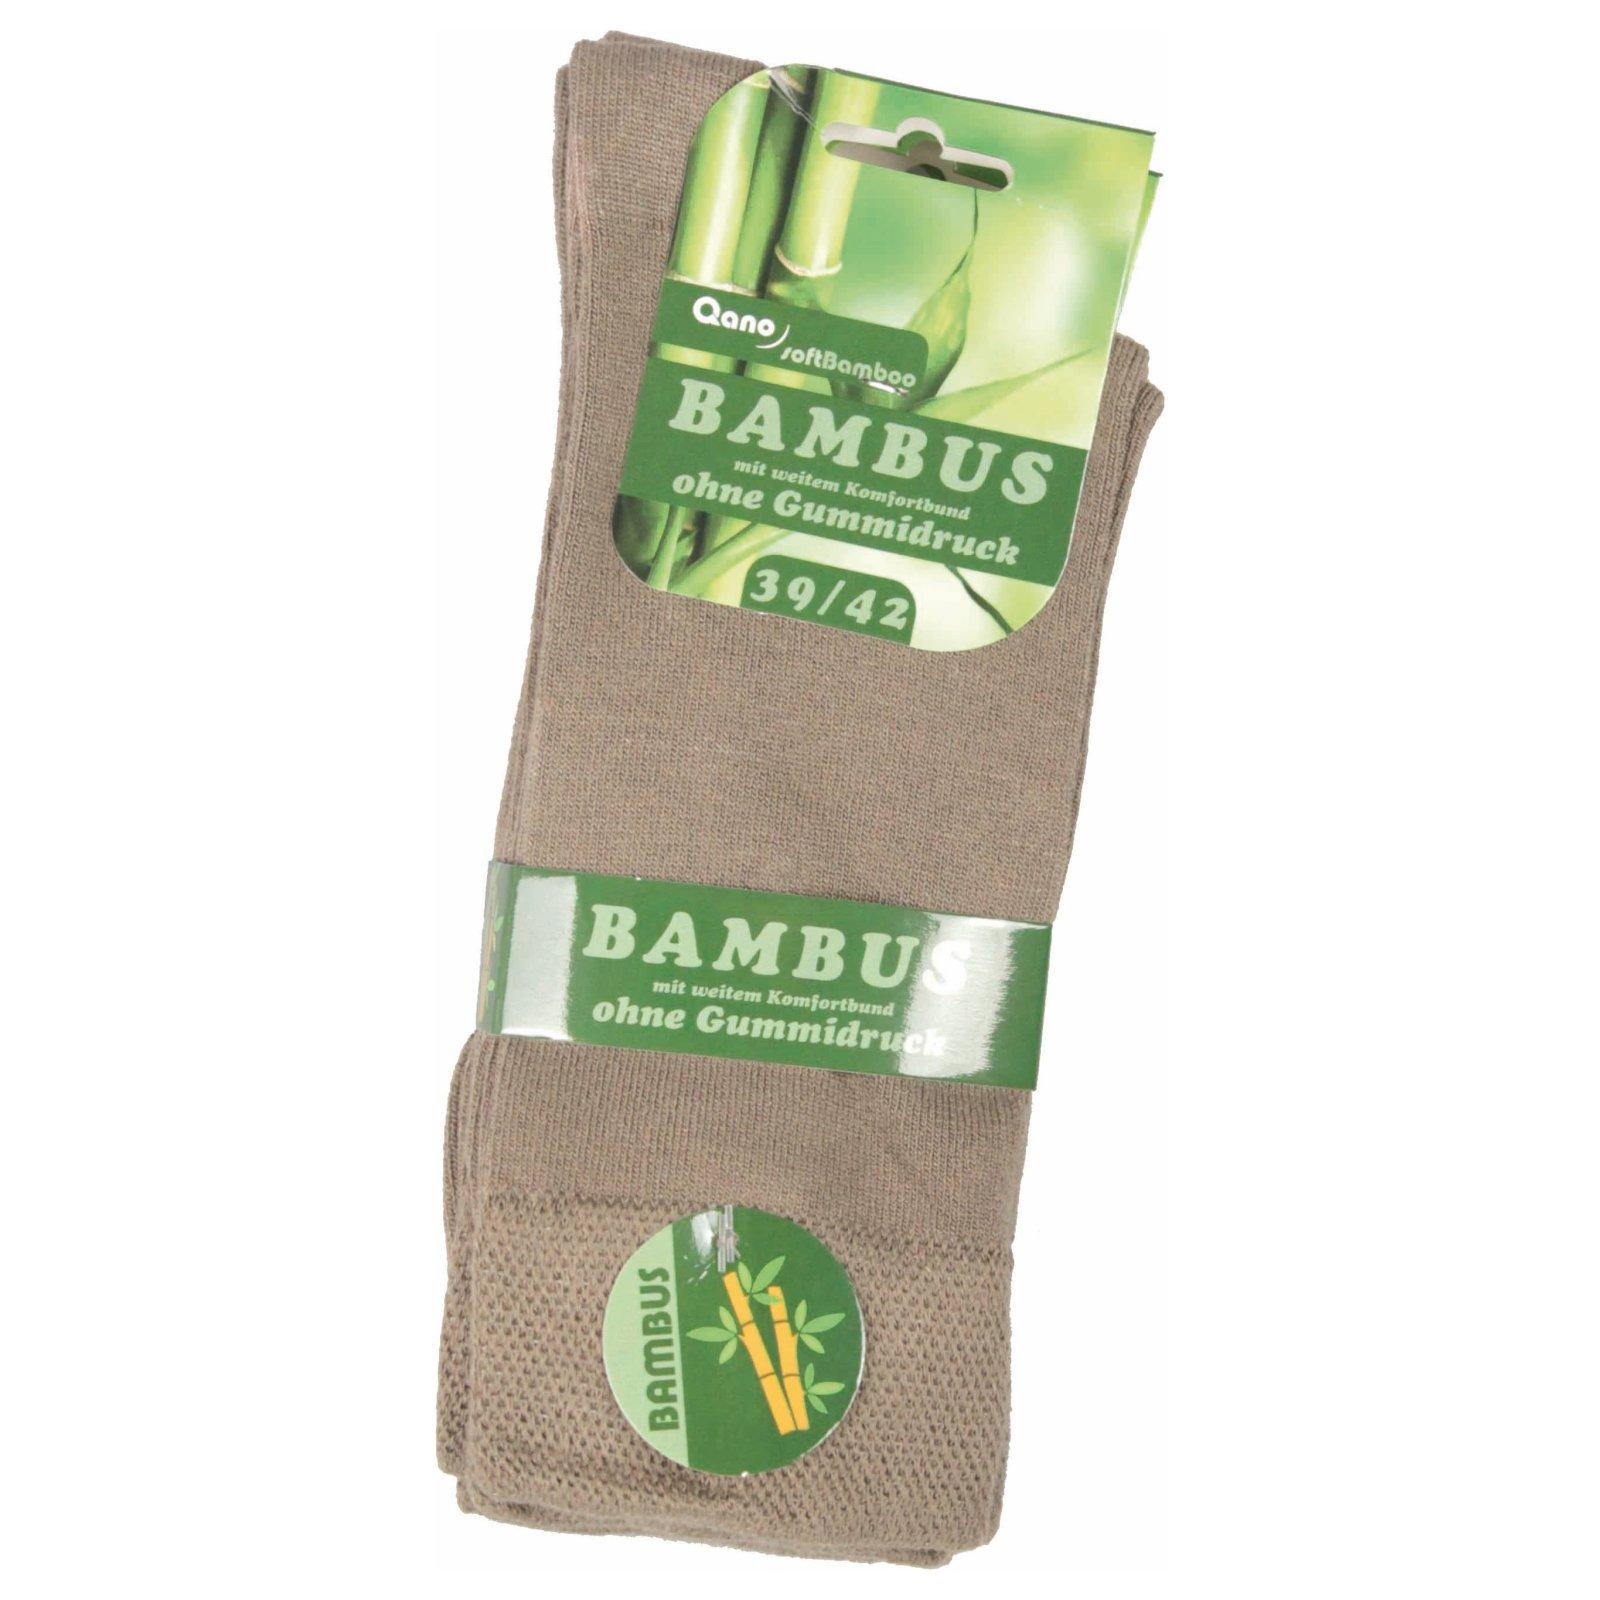 mit weitem Komfortbund 3er Pack Bambus-Sneakersocken ohne Gummidruck